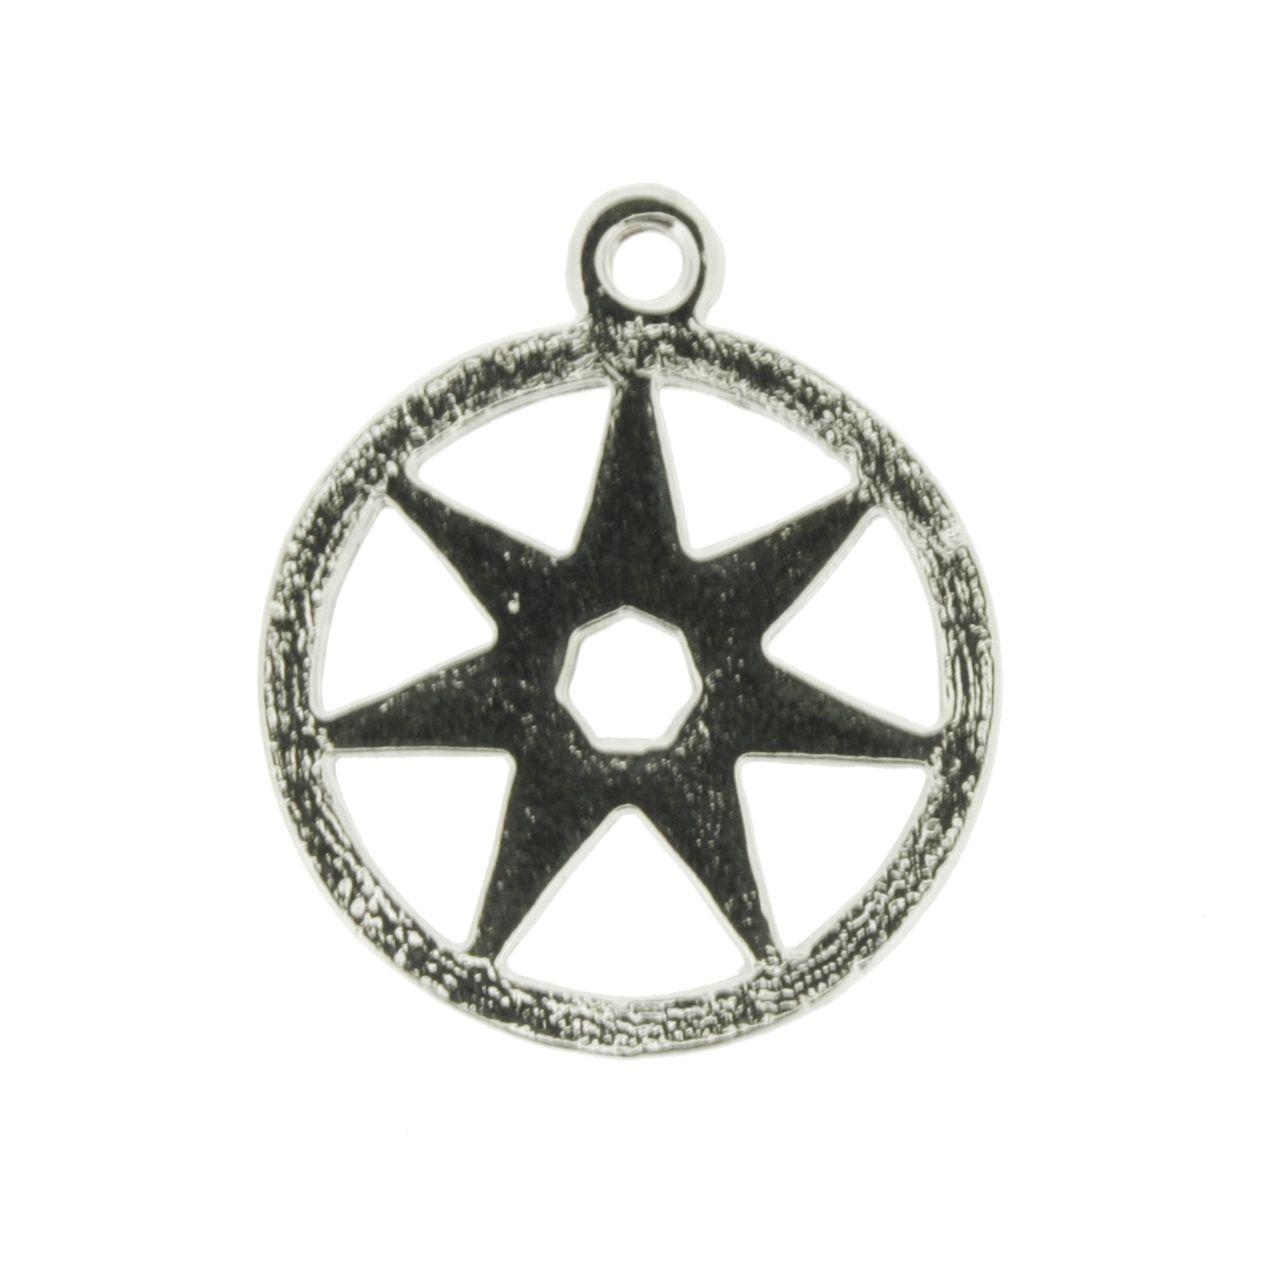 Estrela de 7 pontos - Níquel - 25mm  - Universo Religioso® - Artigos de Umbanda e Candomblé